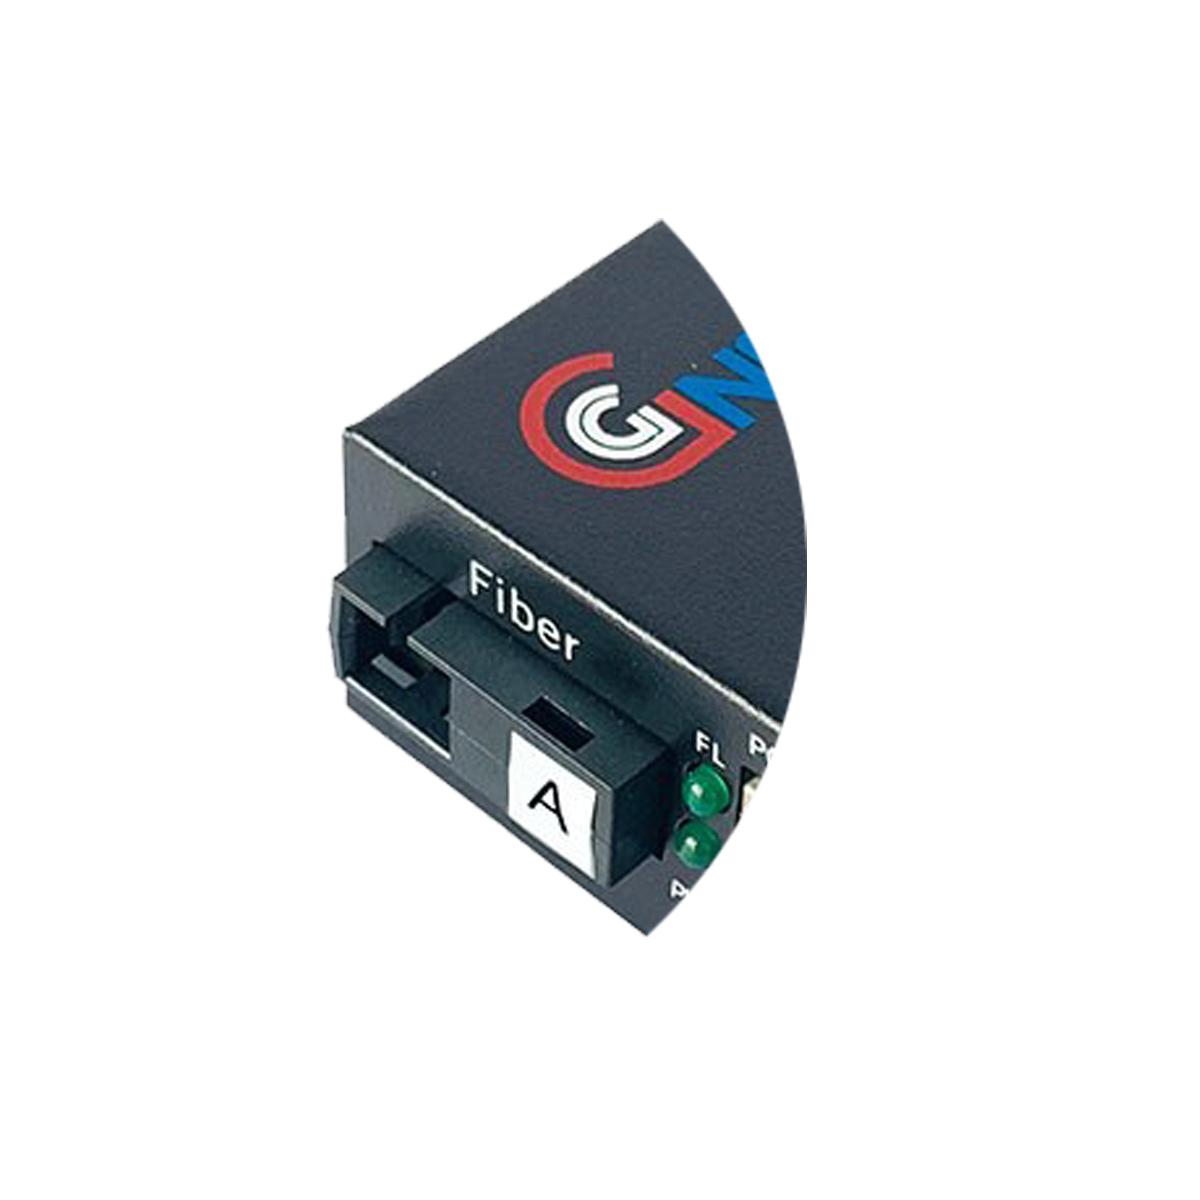 Bộ chuyển đổi quang  điện POE 2xJ45 10/100M kèm cổng  SC 1 sợi GNETCOM GNC-6102FE-25A - Hàng Chính hãng